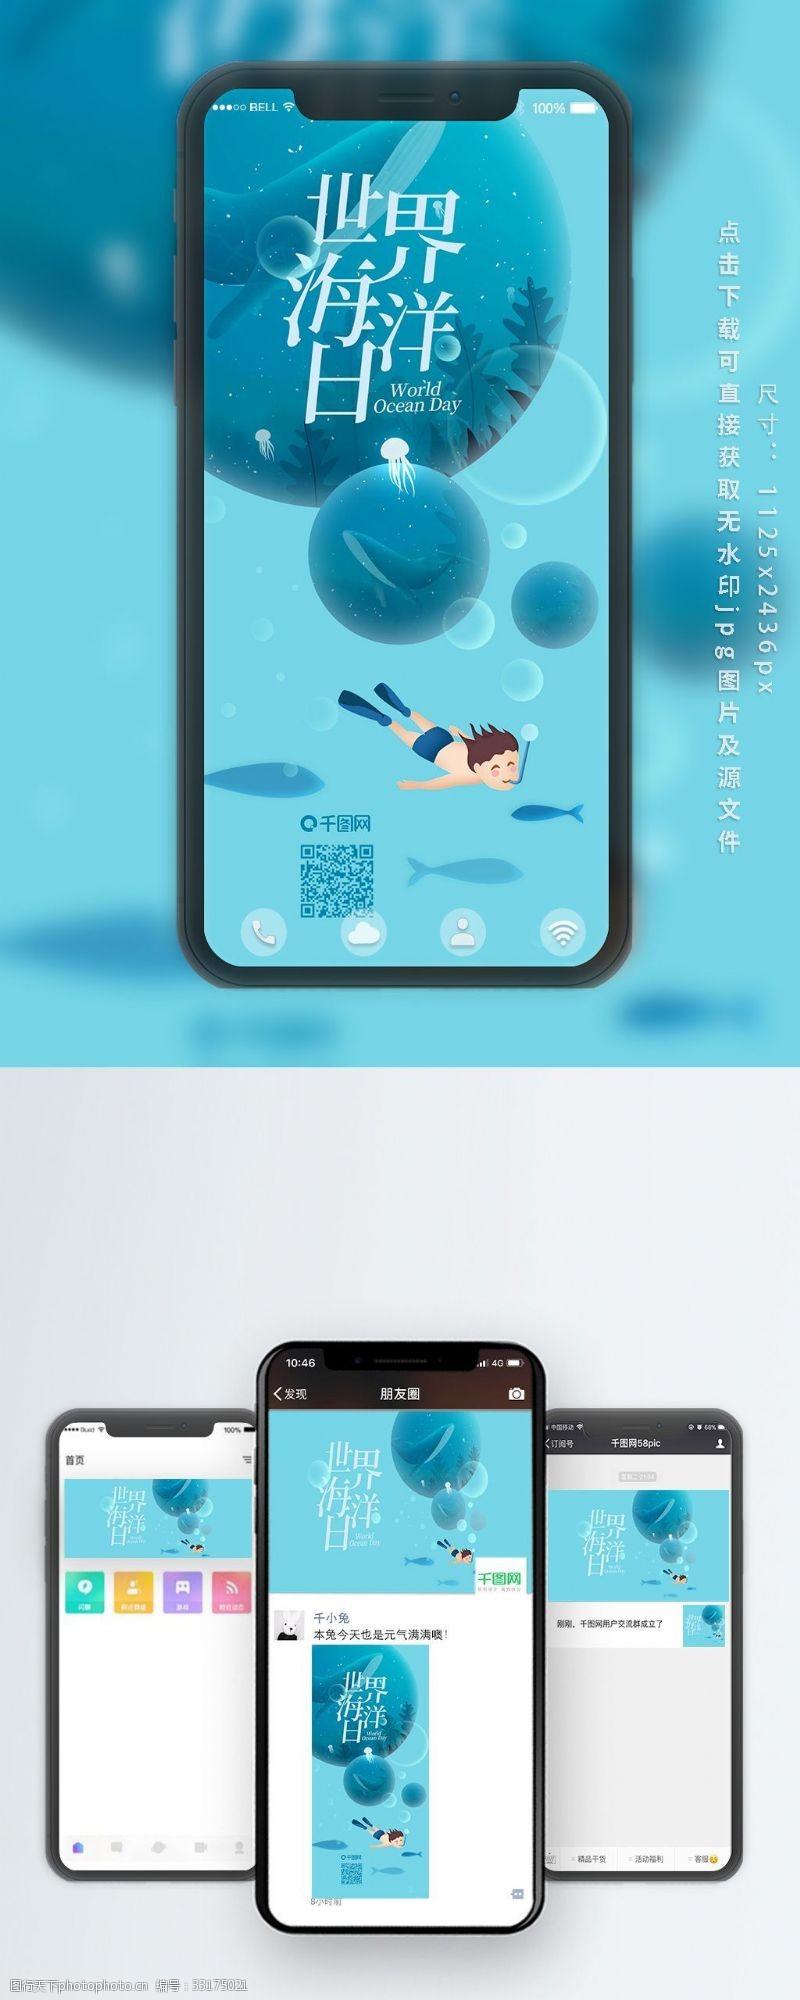 公众号用图深海潜水气泡世界海洋日创意插画手机海报